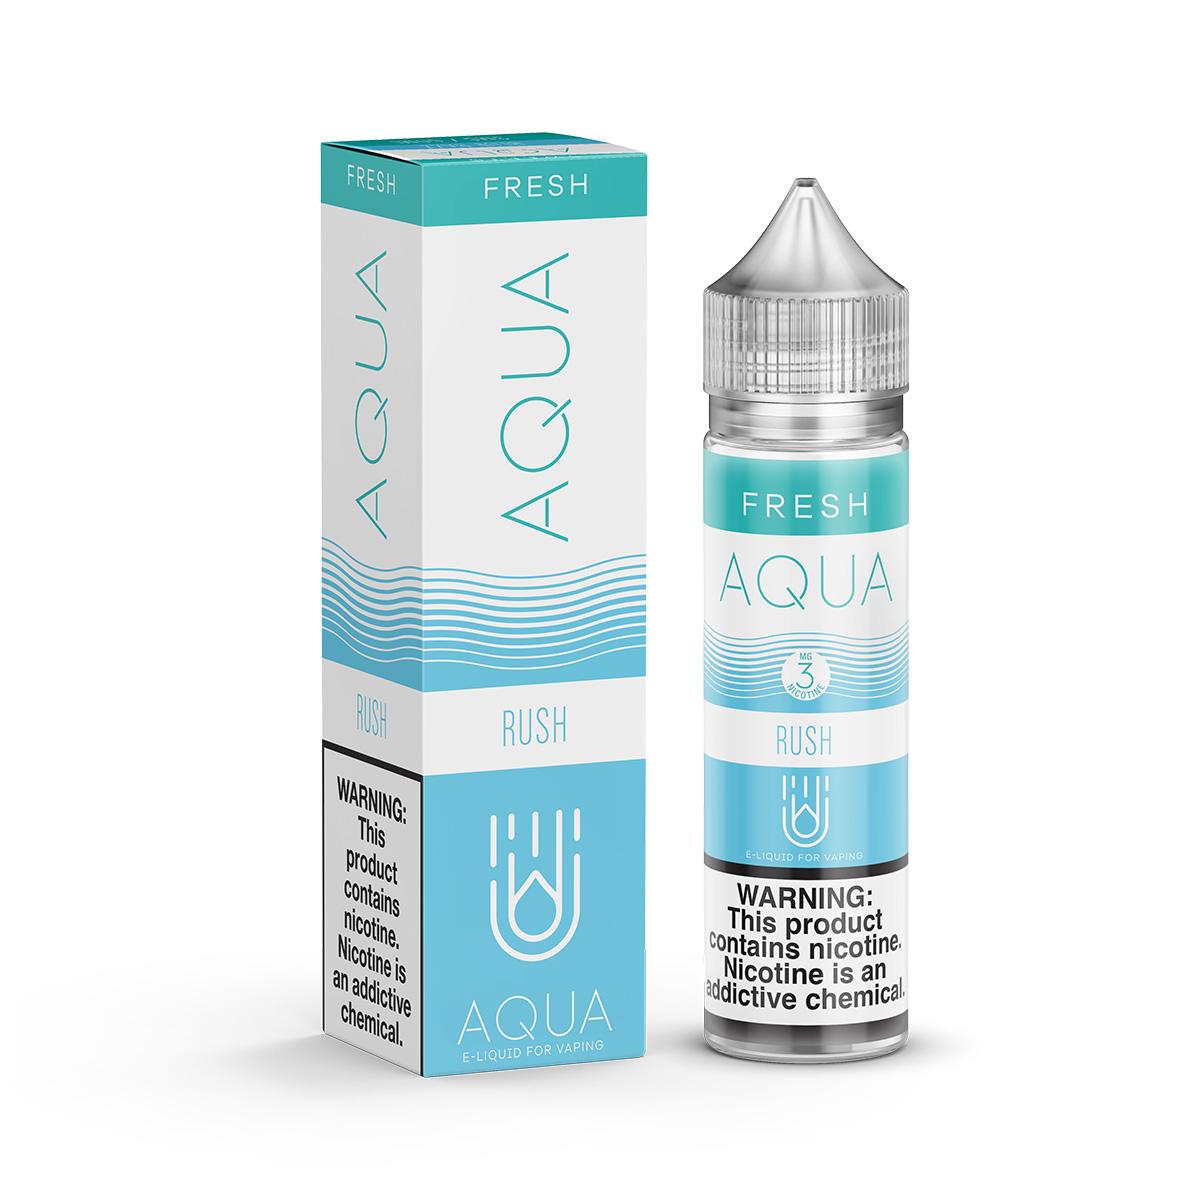 Aqua-Fresh-60ml-Rush-3mg.jpg